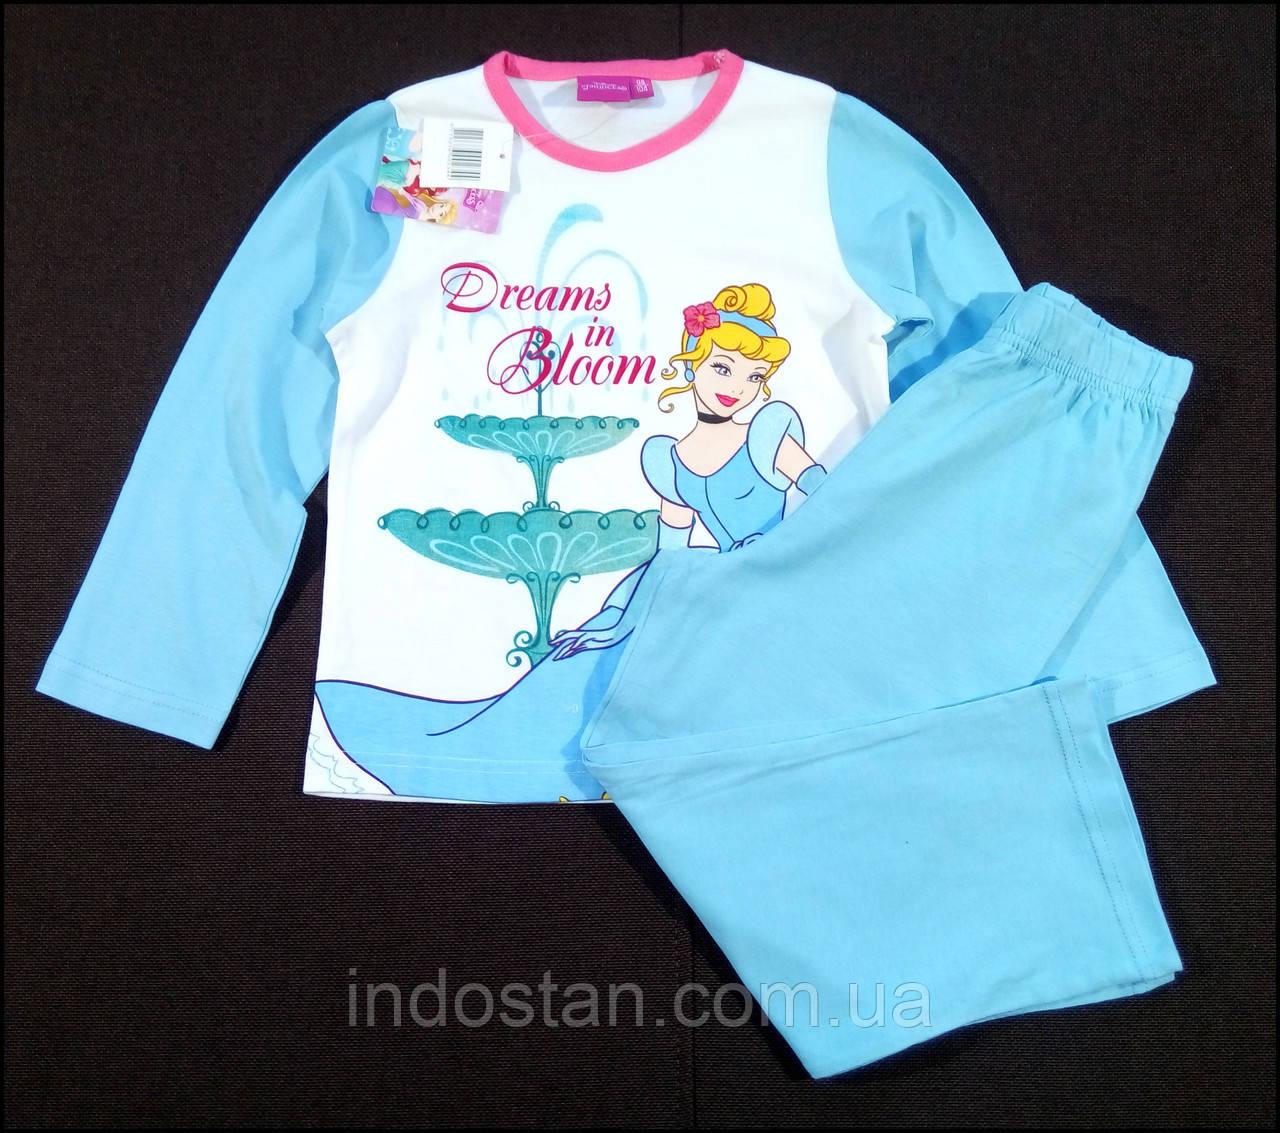 Пижама Disney для девочек 3-4 лет aa07f14d574a0